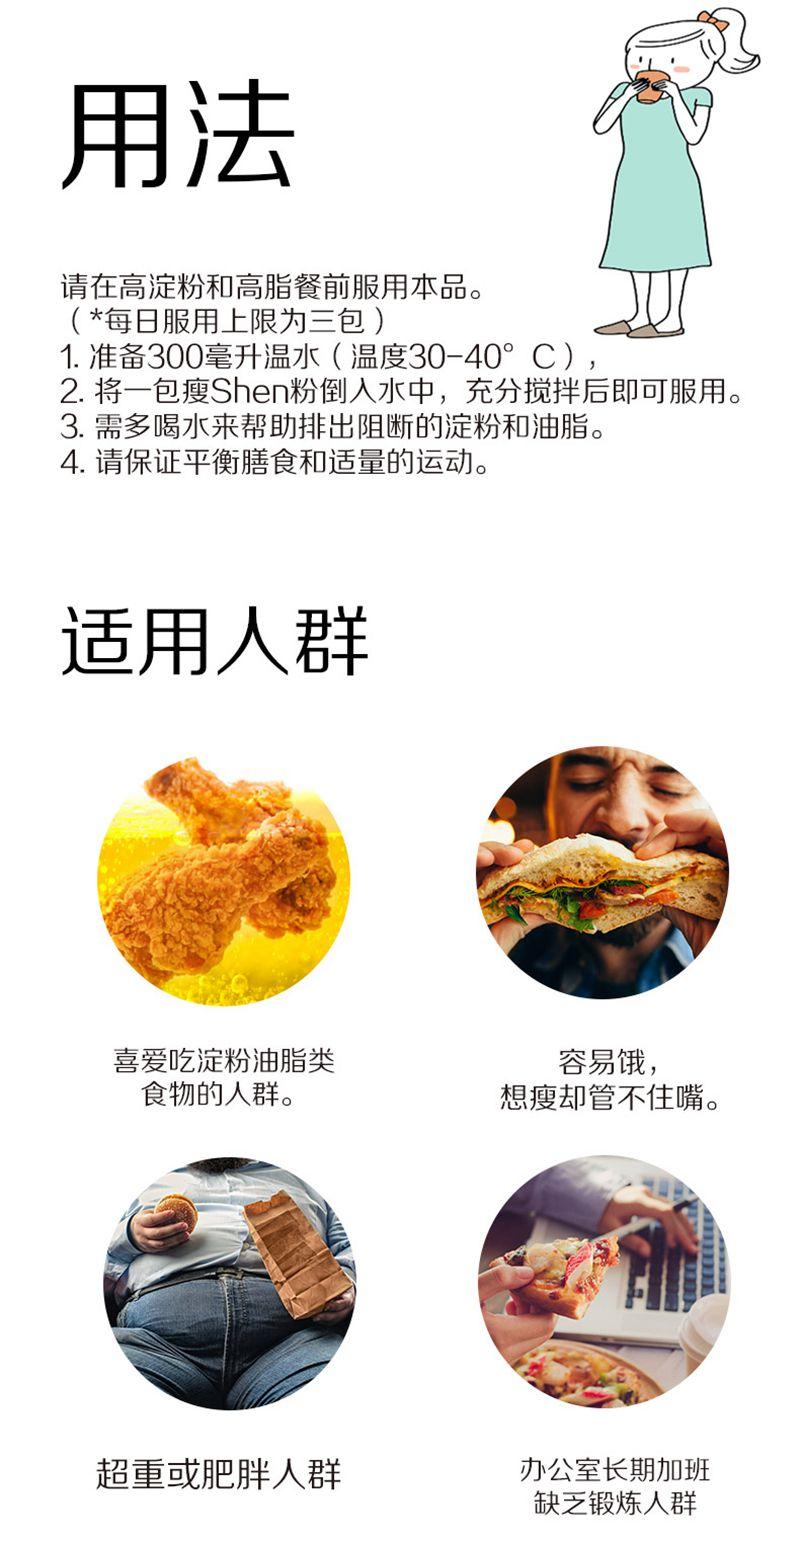 bio-e瘦身粉益生菌酵素代餐粉清肠果蔬粉奶茶味28袋/盒  用法